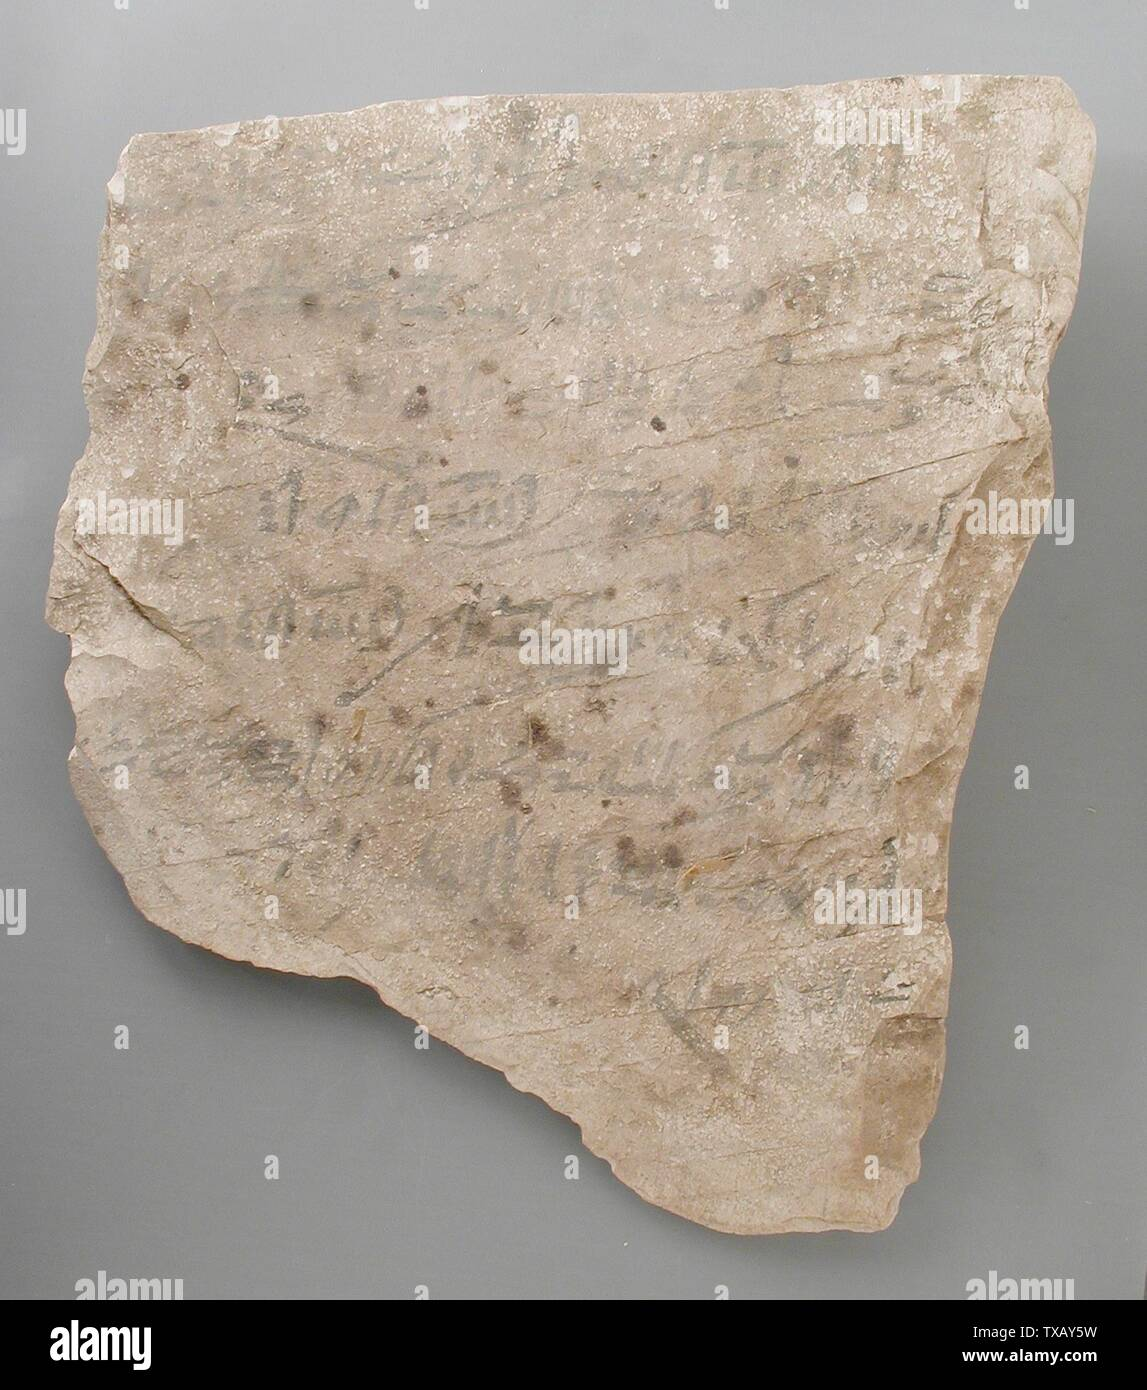 'Ostracon avec un reçu pour la location d'un âne (image 2 de 2); l'Égypte, Nouvel Empire, 20thDynasty, daté de 26 ans, pendant le règne de Ramsès III (1198-1166), 1171 de BCE BCE Outils et équipements; calcaire ostraka 8 11/16 x 7 3/16 in. (22 x 18,3 cm Don de Carl W. Thomas (M.80.203.205) L'art égyptien; 1171; BCE ' Photo Stock